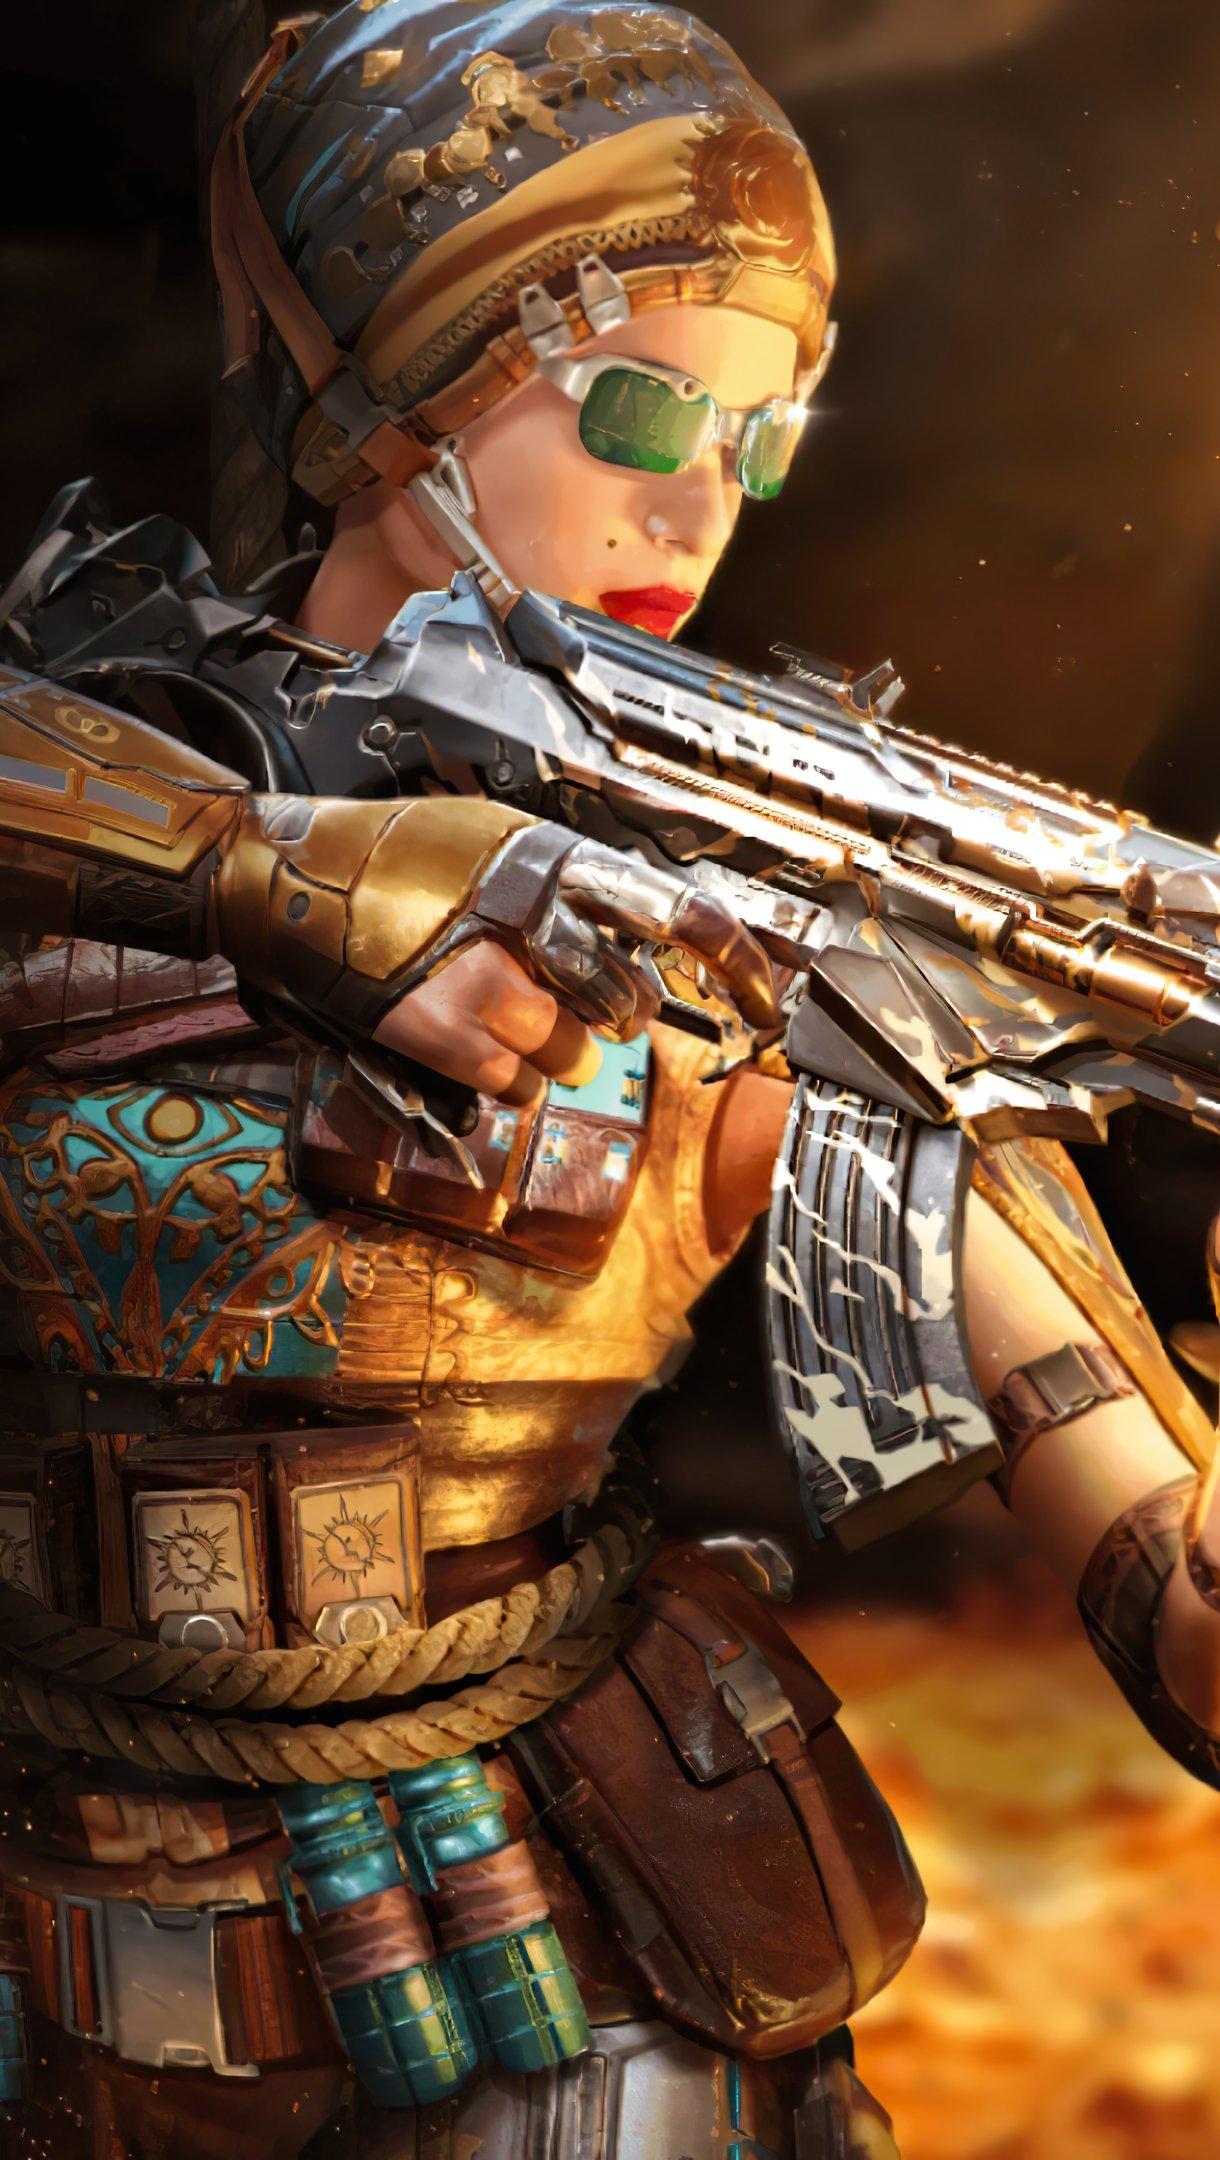 Fondos de pantalla Call of Duty Mobile Outrider Mystic Skin Vertical